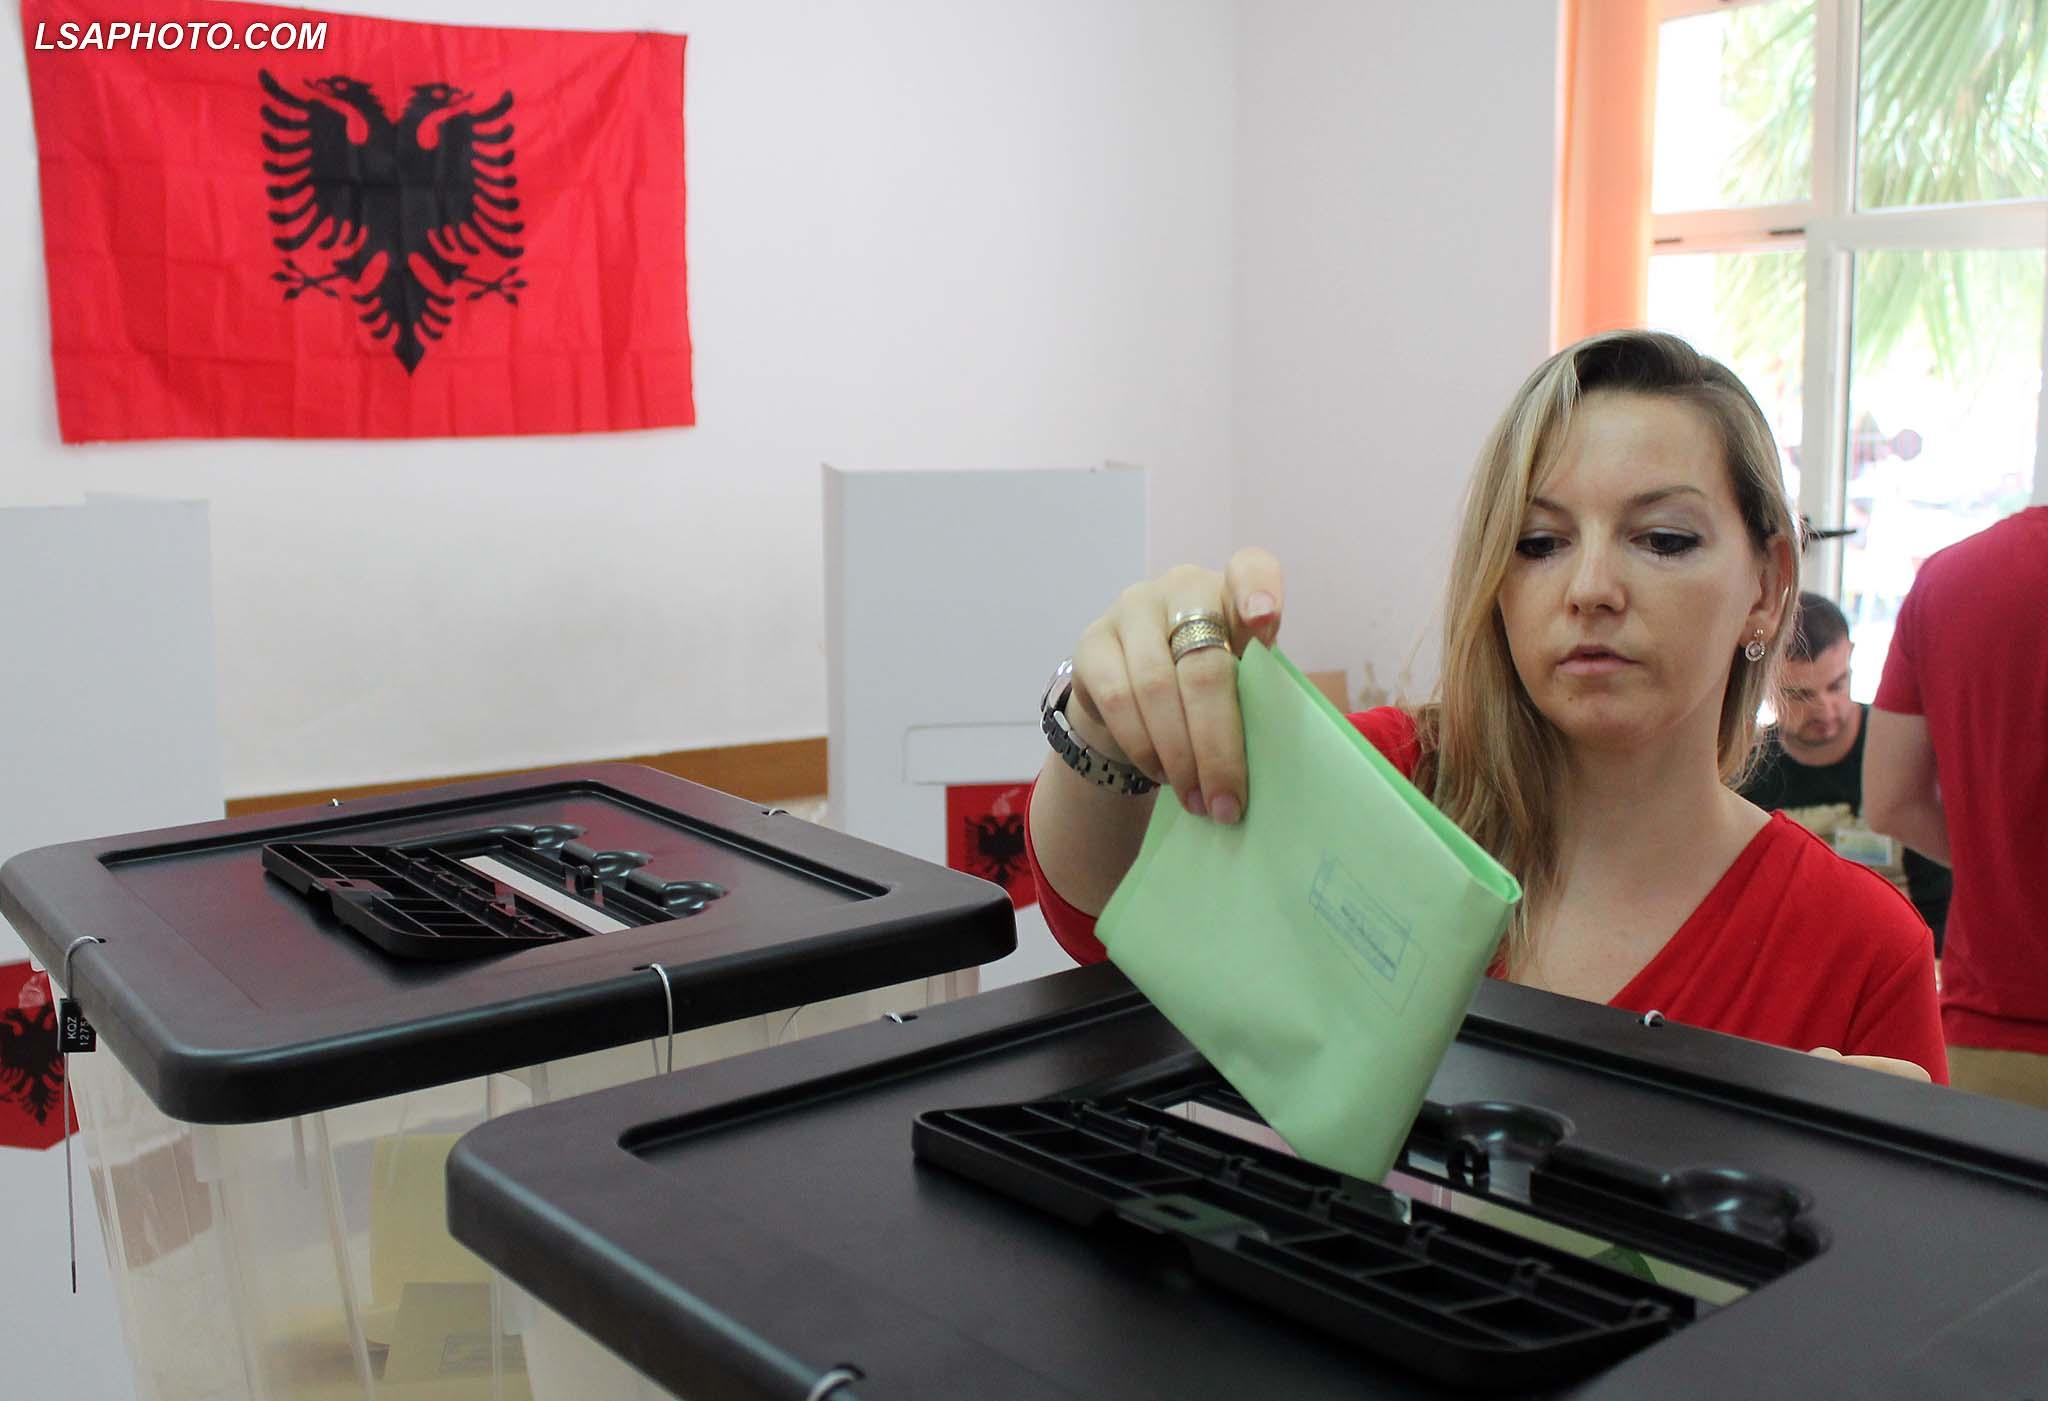 Αλβανία: Συνεχίζονται οι εργασίες των Επιτροπών Εκλογικής Μεταρρύθμισης και Αποπομπής του Προέδρου